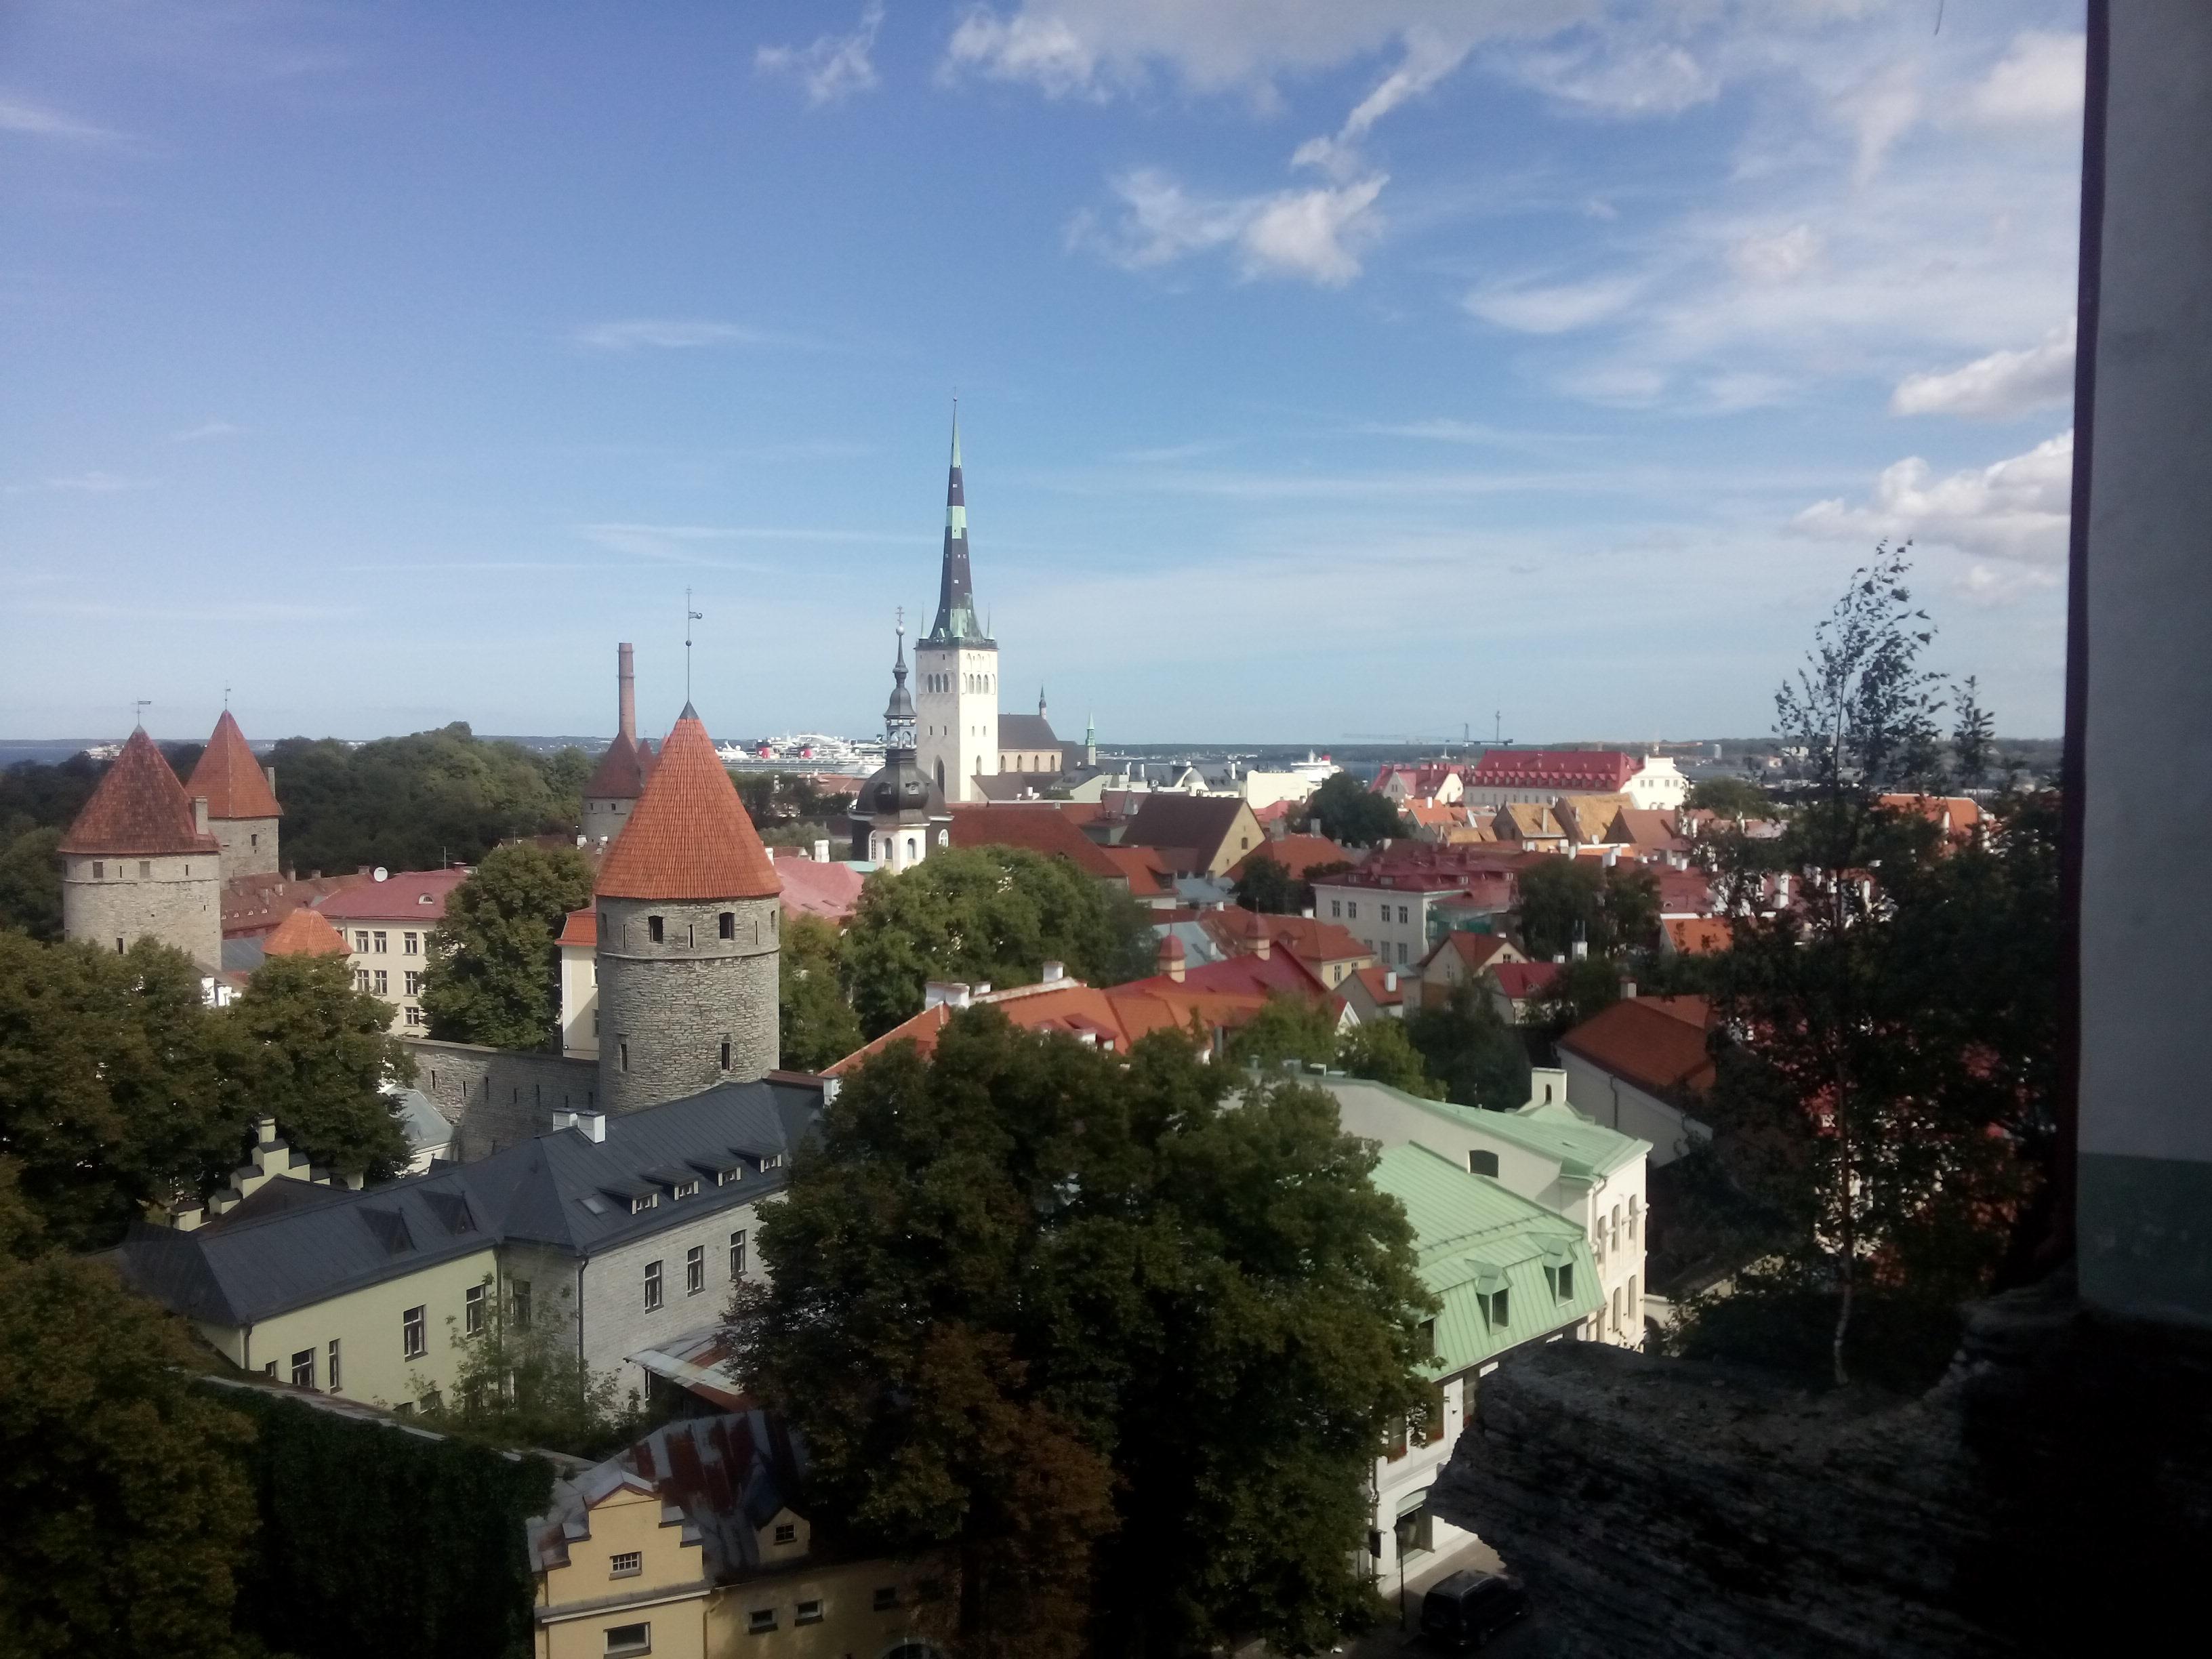 https://i.amy.gy/201808-estonia/IMG_20180811_134443.jpg